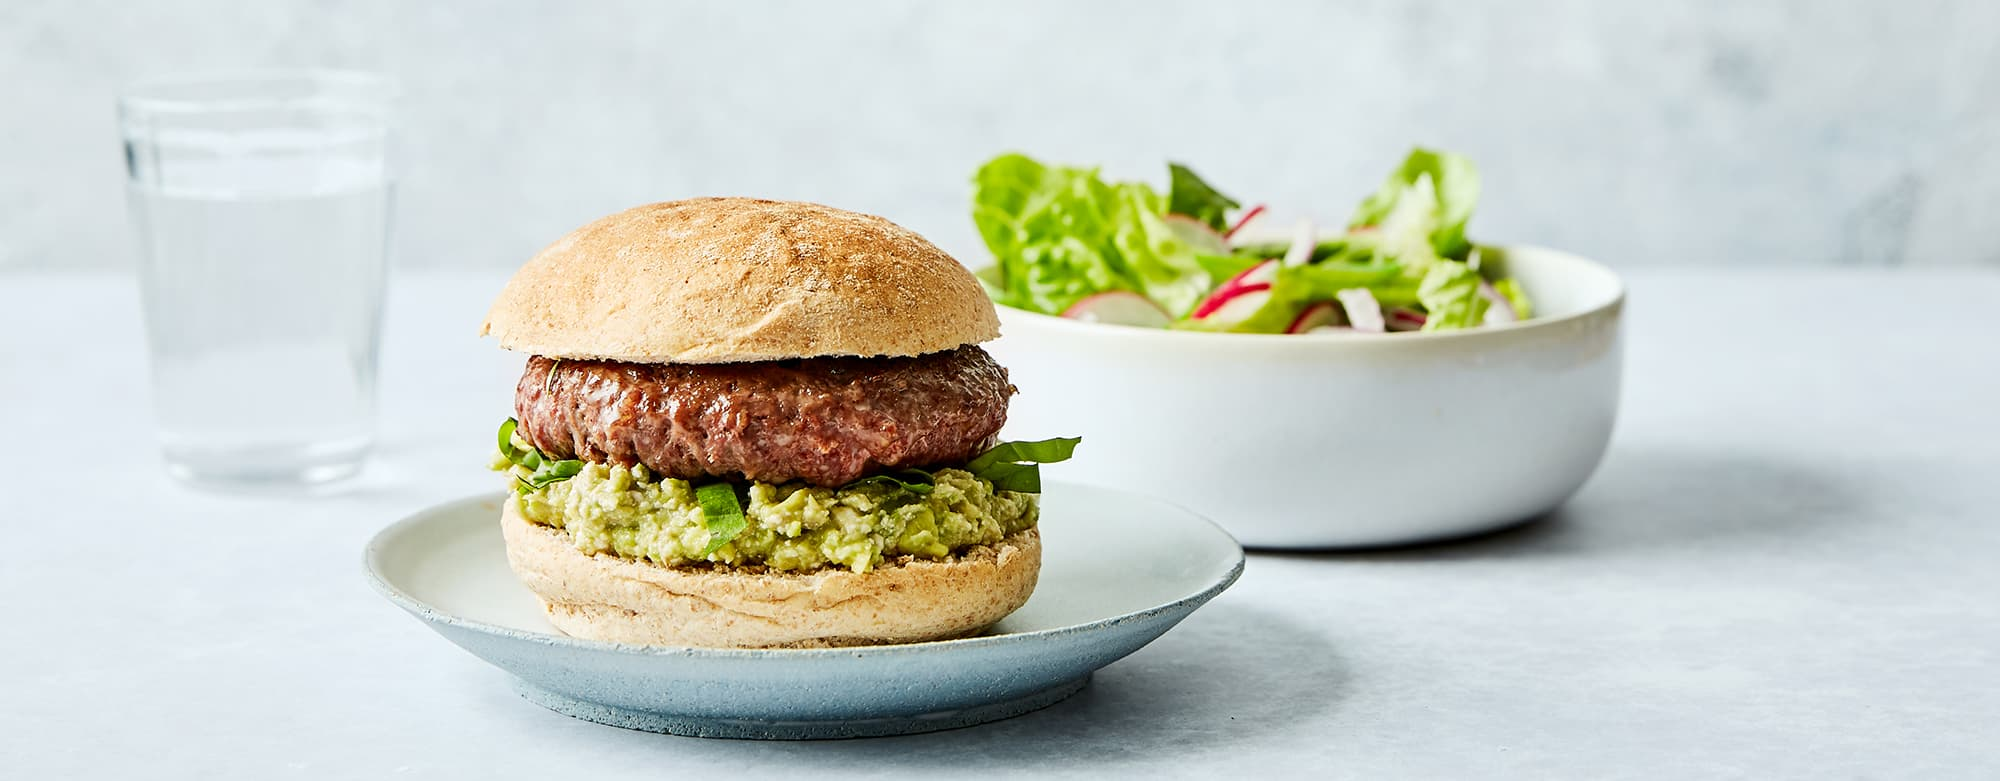 sunn hamburger med salat og avocadomos